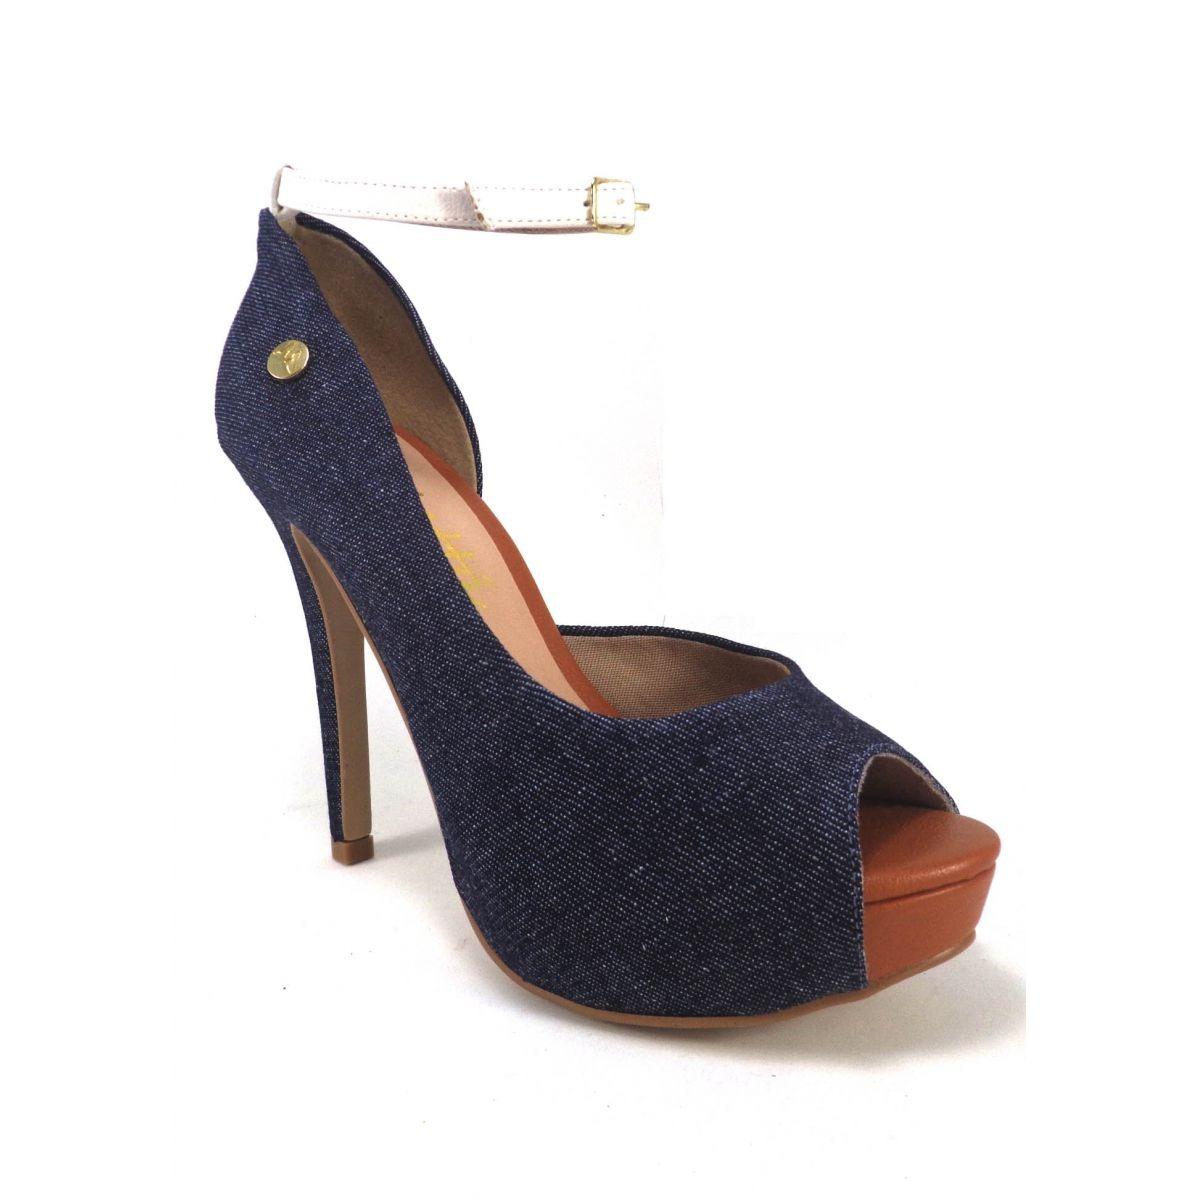 d0a36b9983 Sandália Salto Alto Fino Jeans Peep Toe Boneca - R$ 89,90 em Mercado ...